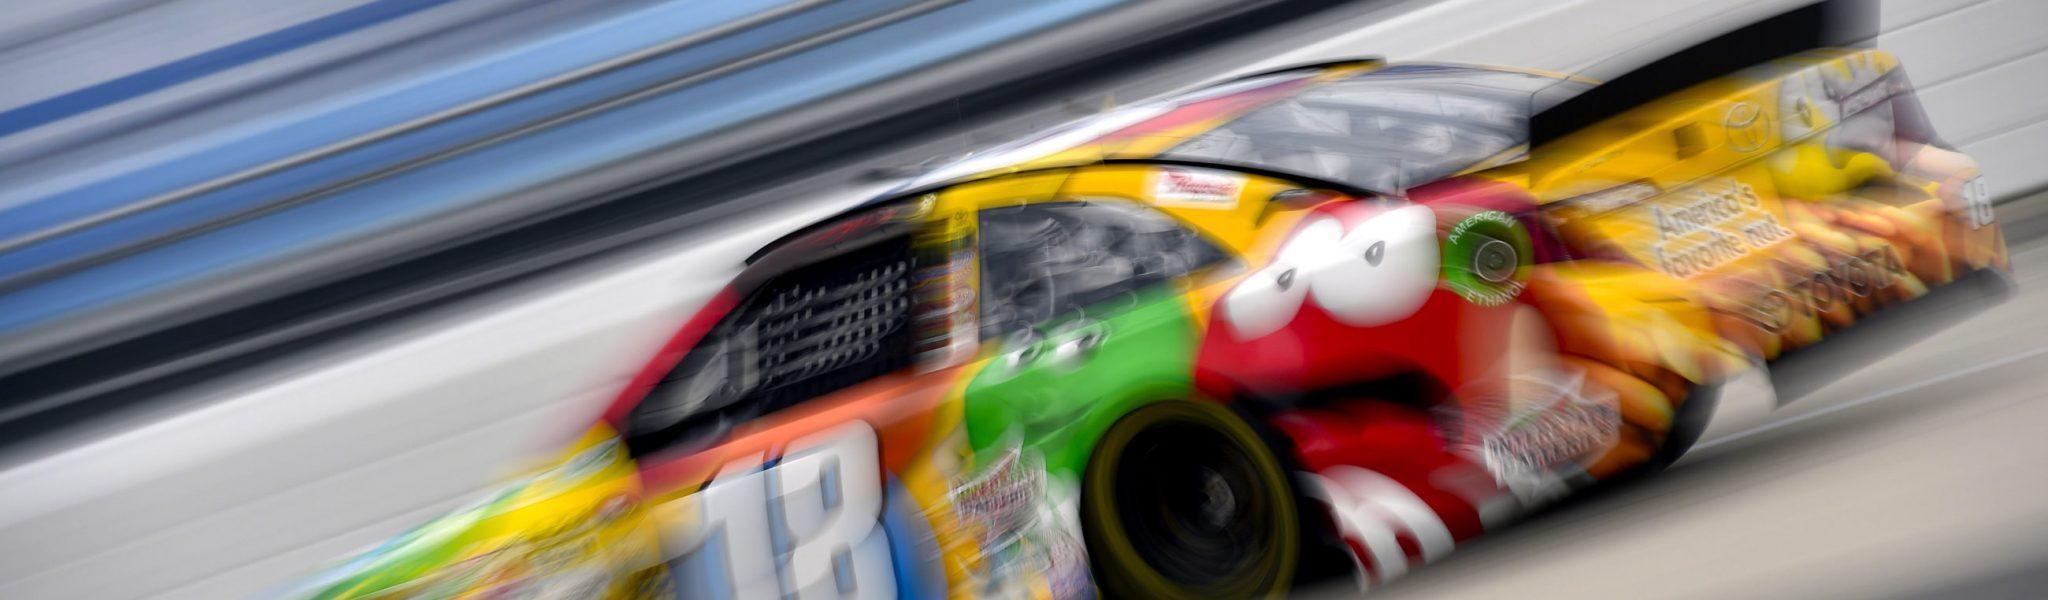 Kyle Busch Wins Best Driver Award - Racing News